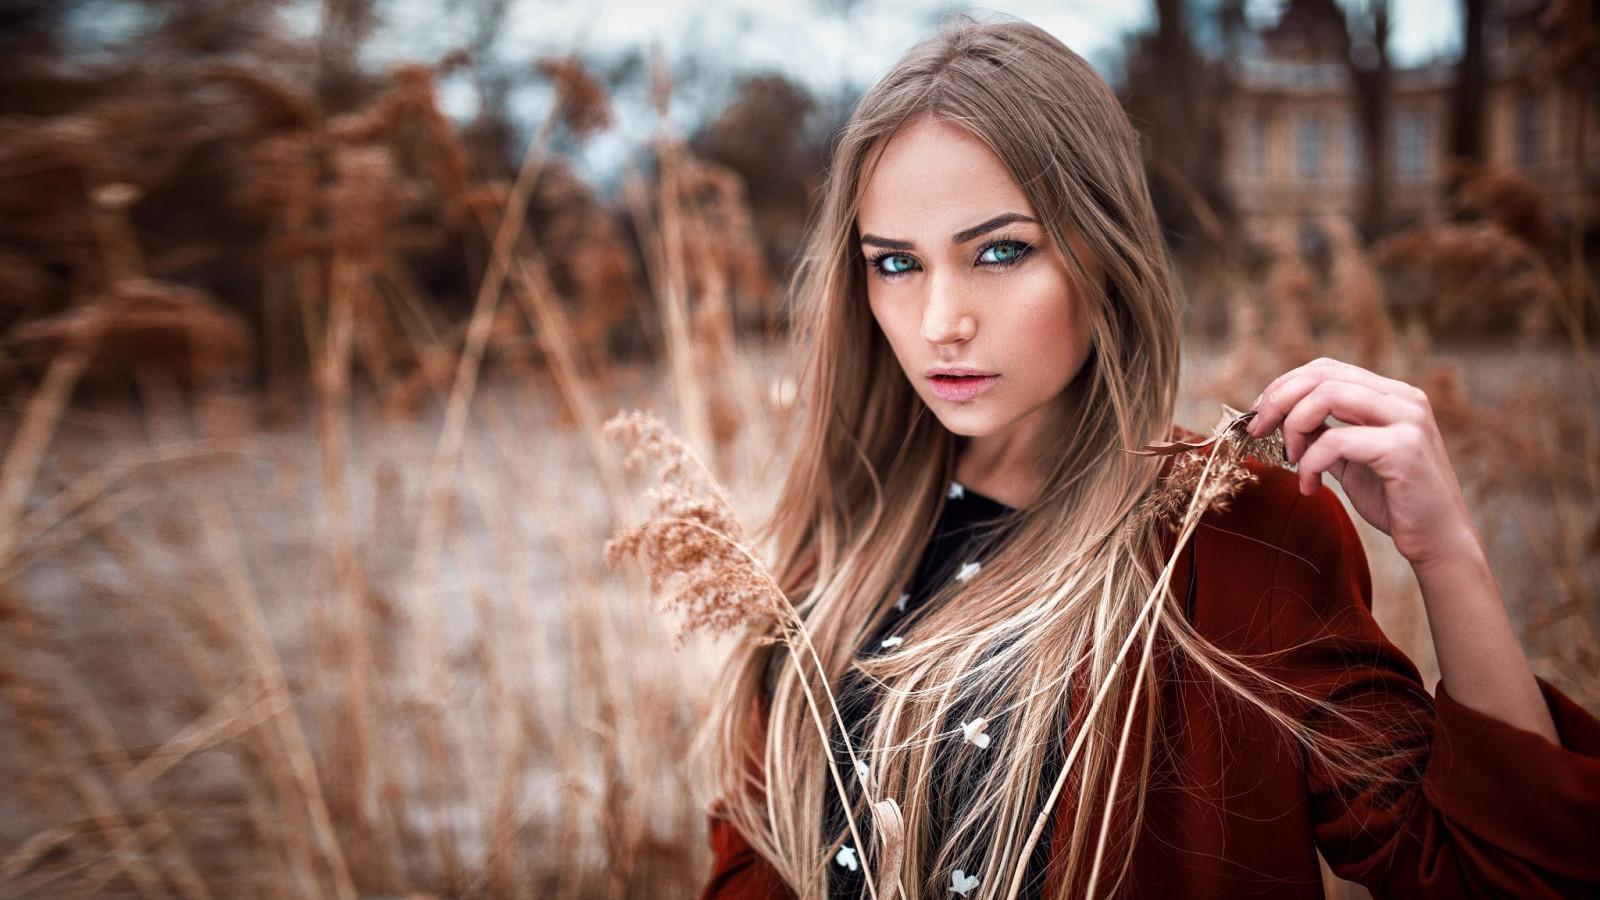 Wallpaper : sunlight, women outdoors, redhead, long hair